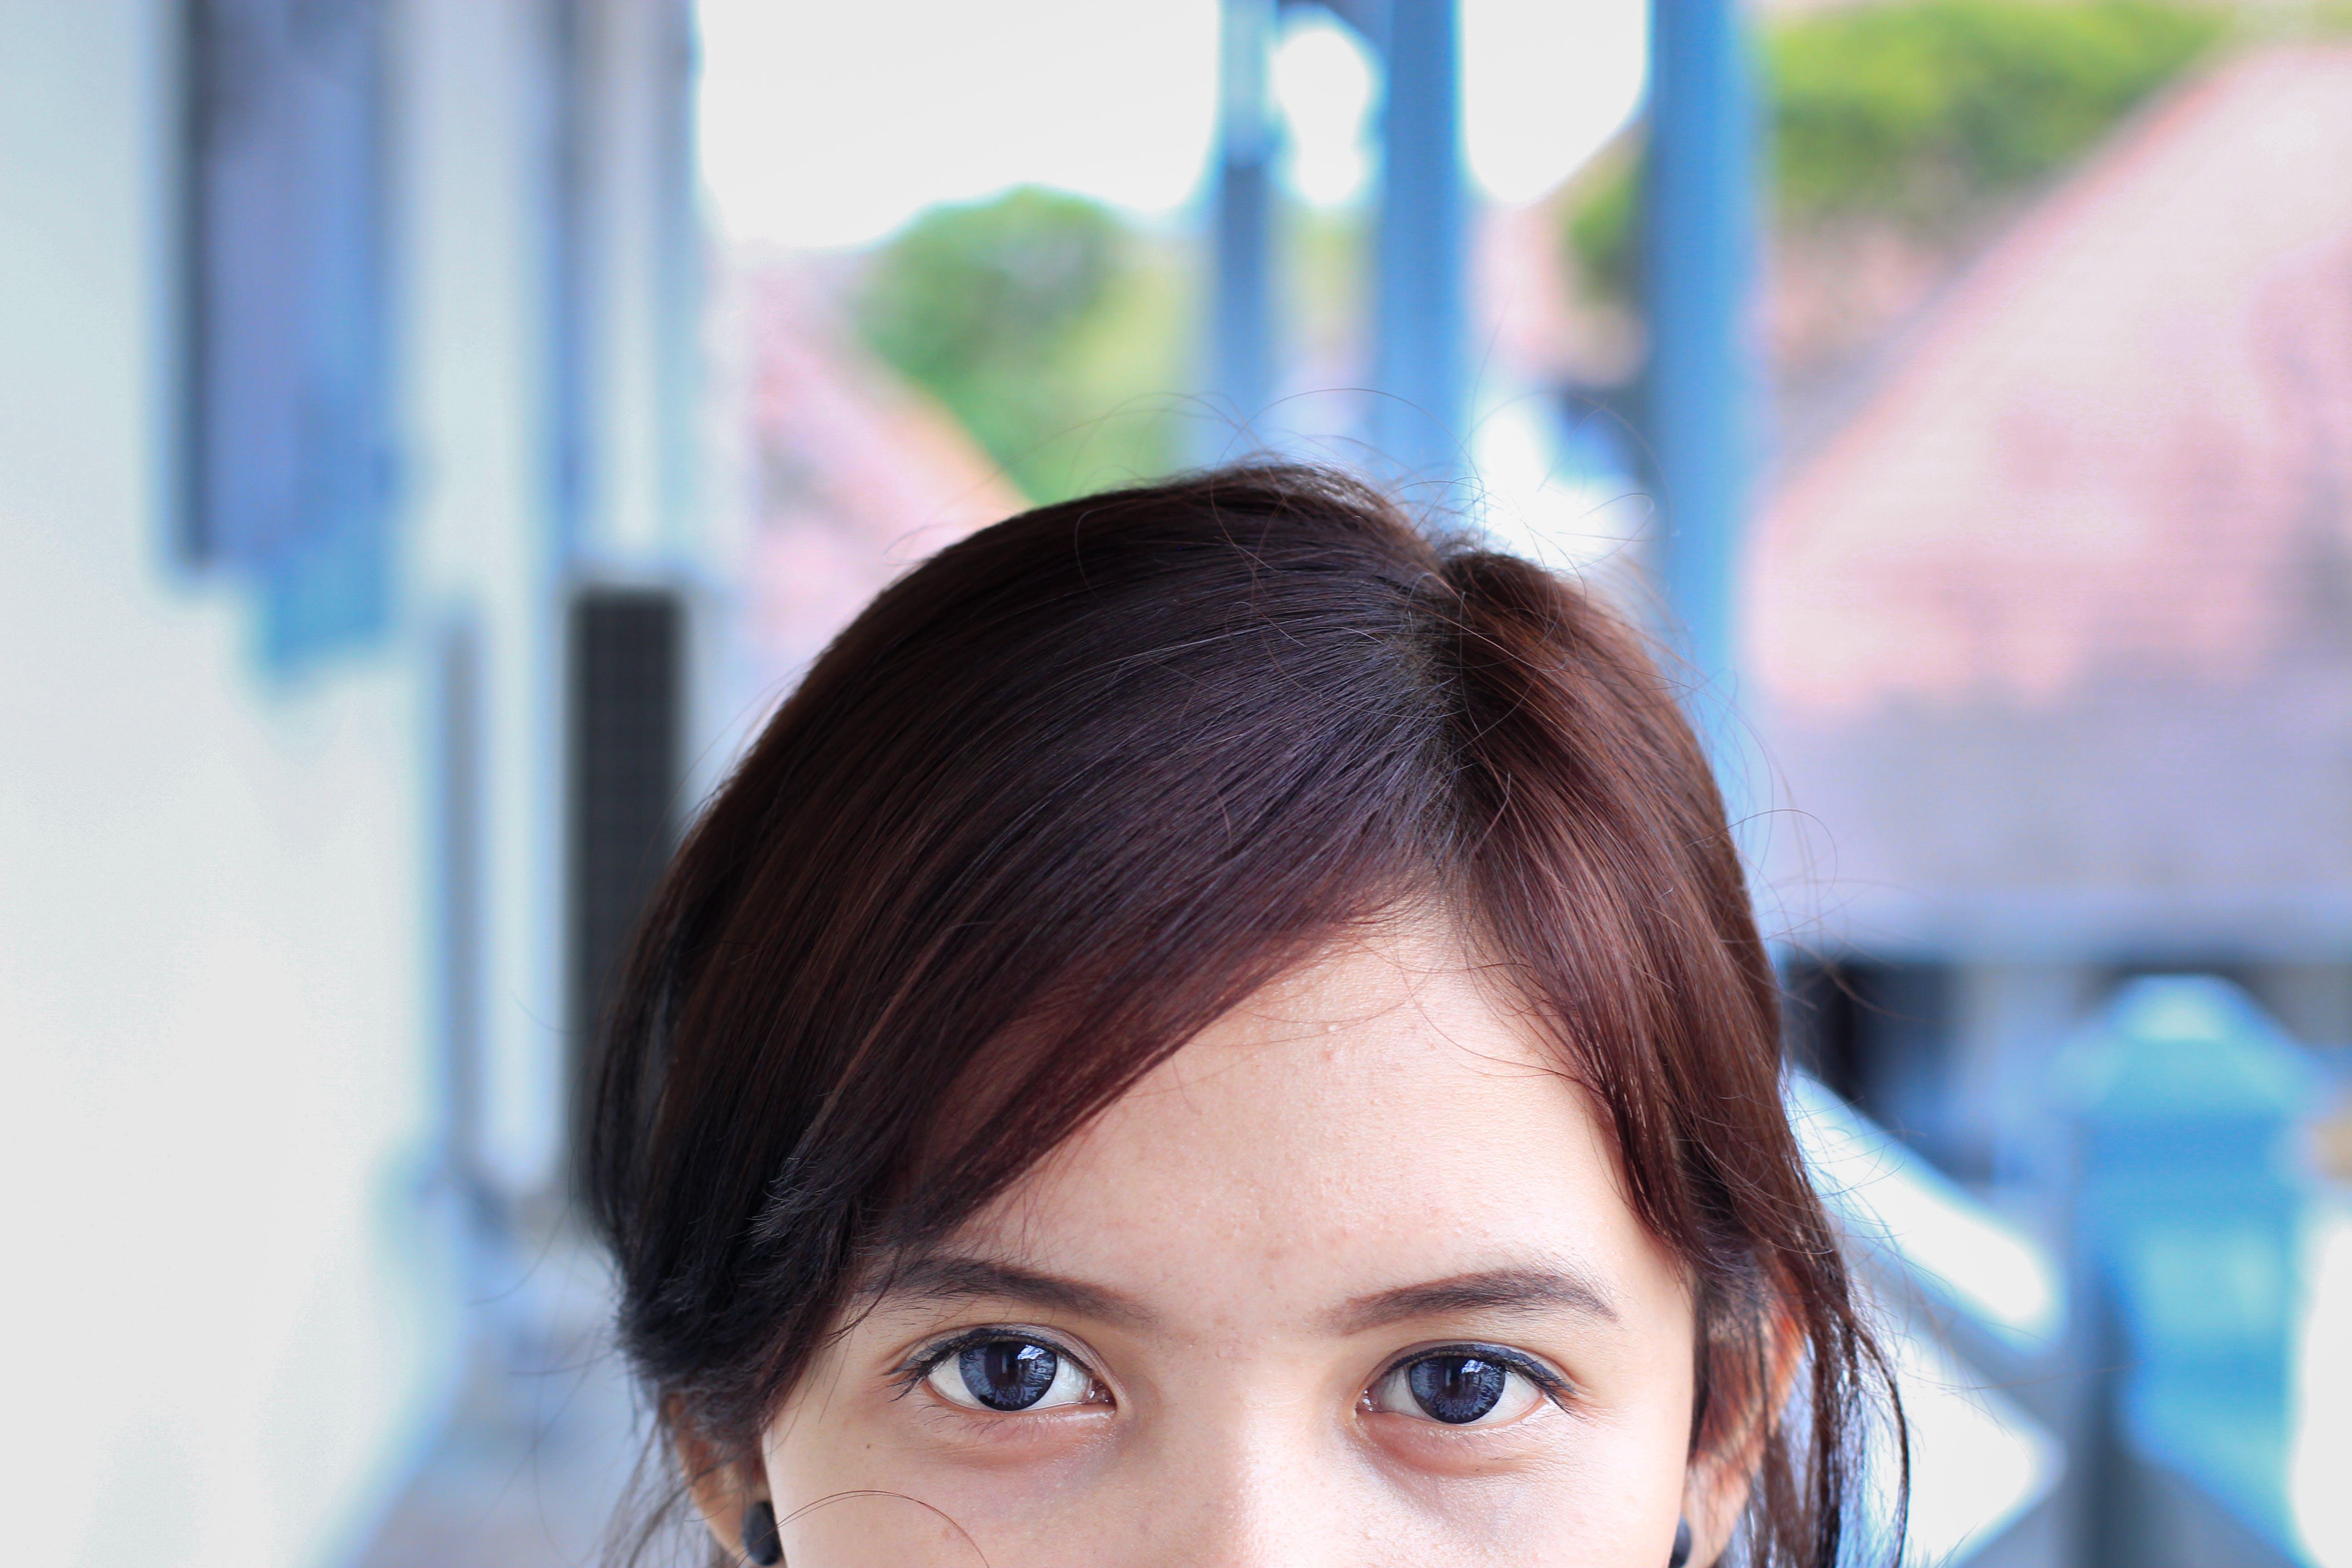 Foto d'estoc gratuïta de bonic, buscant, cabell, desenfocament